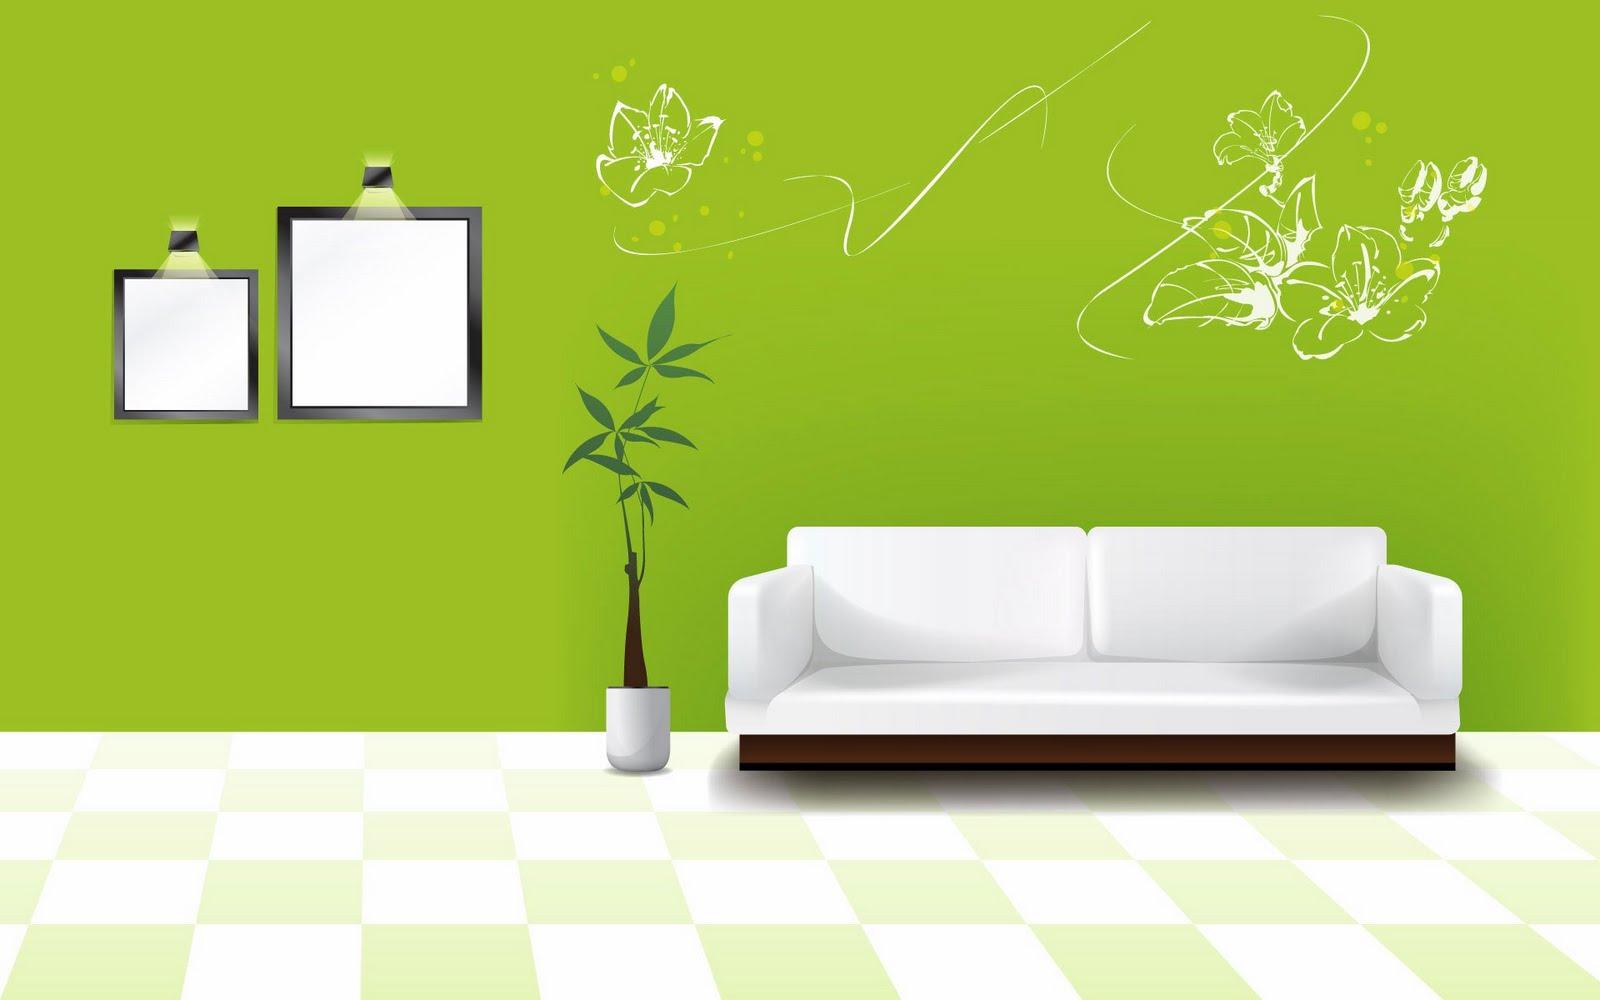 HD WALLPAPER Digital Art Interior Design HD Wallpaper Set 1